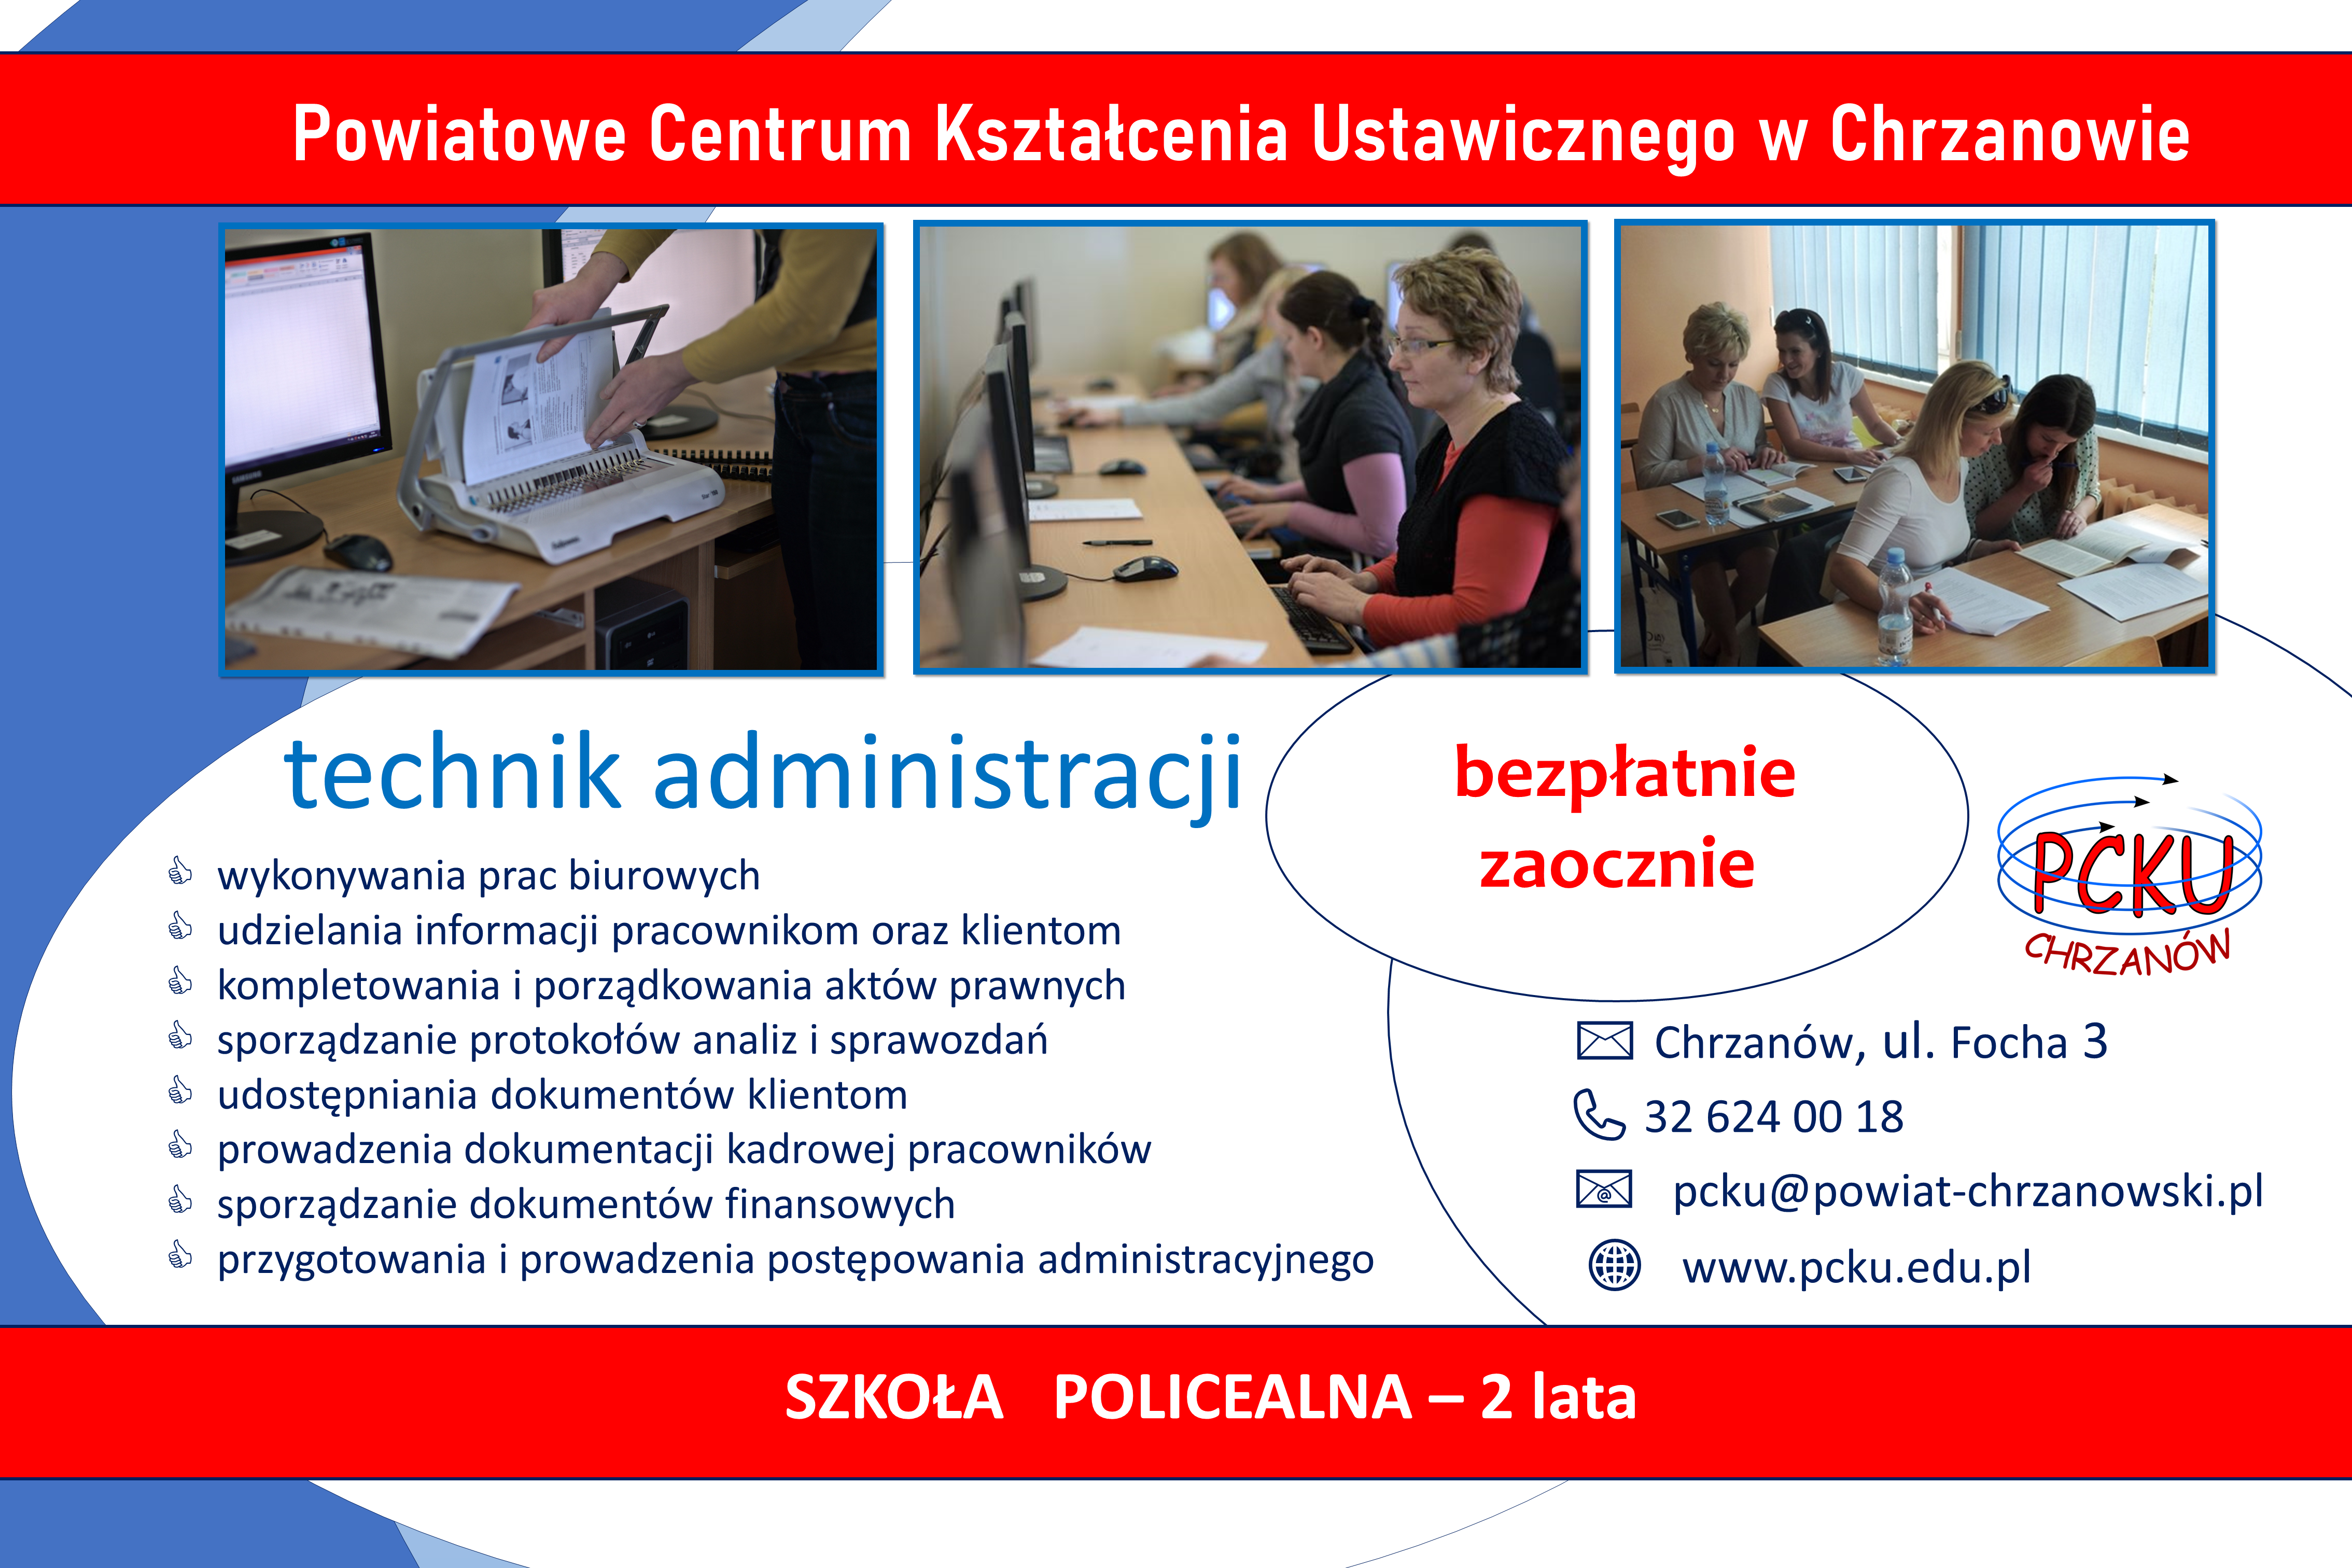 plakat technik administracji